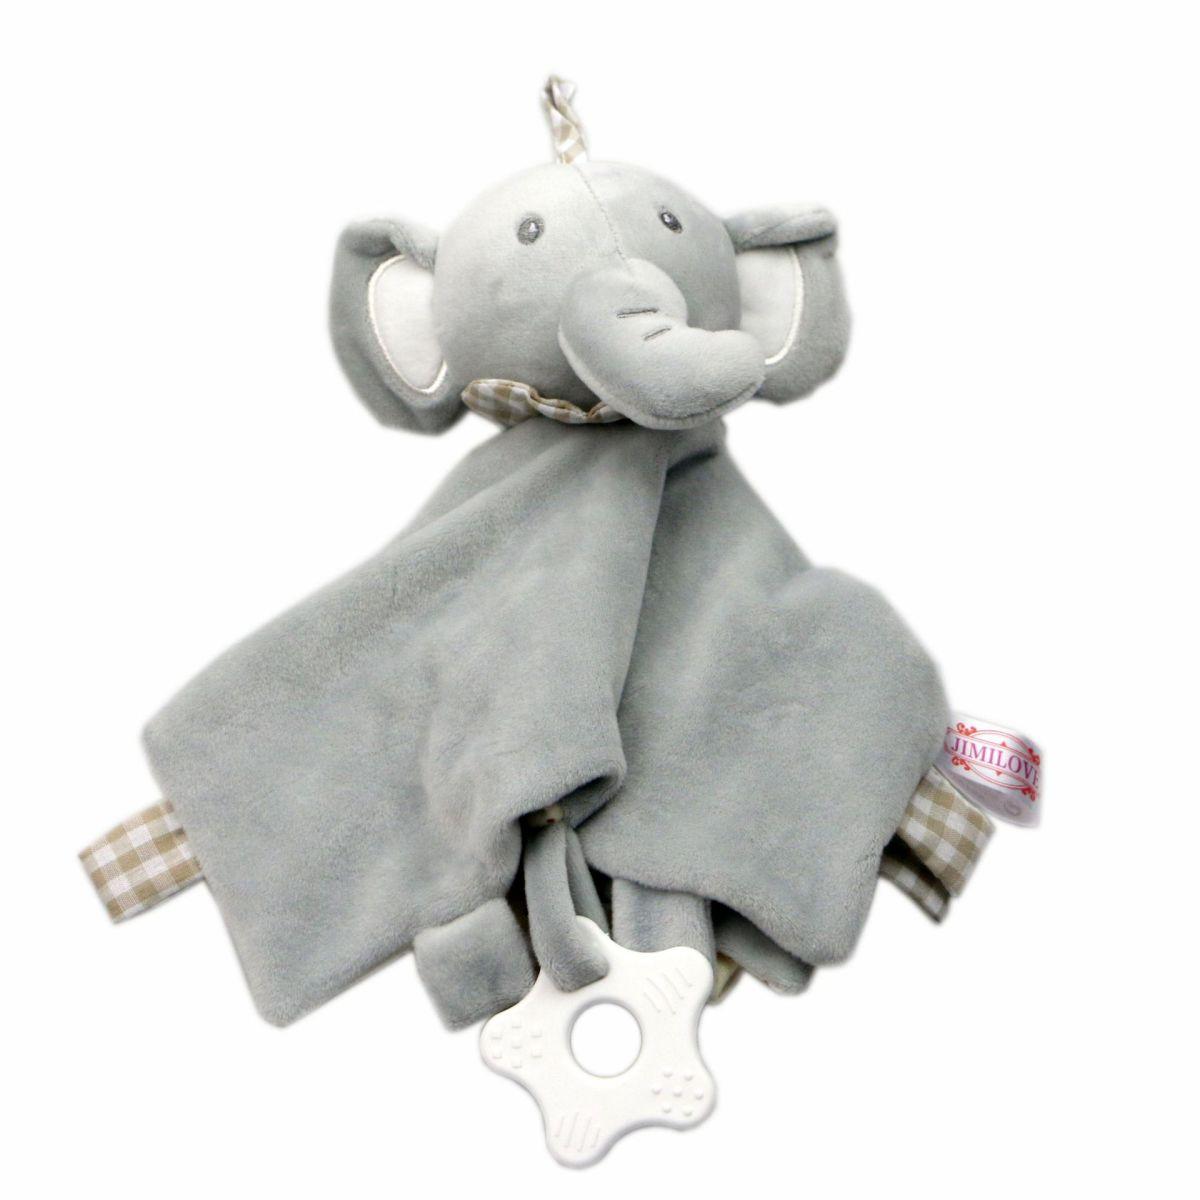 Baby Multifunctional Teether Comforting Towel Gray Elephant